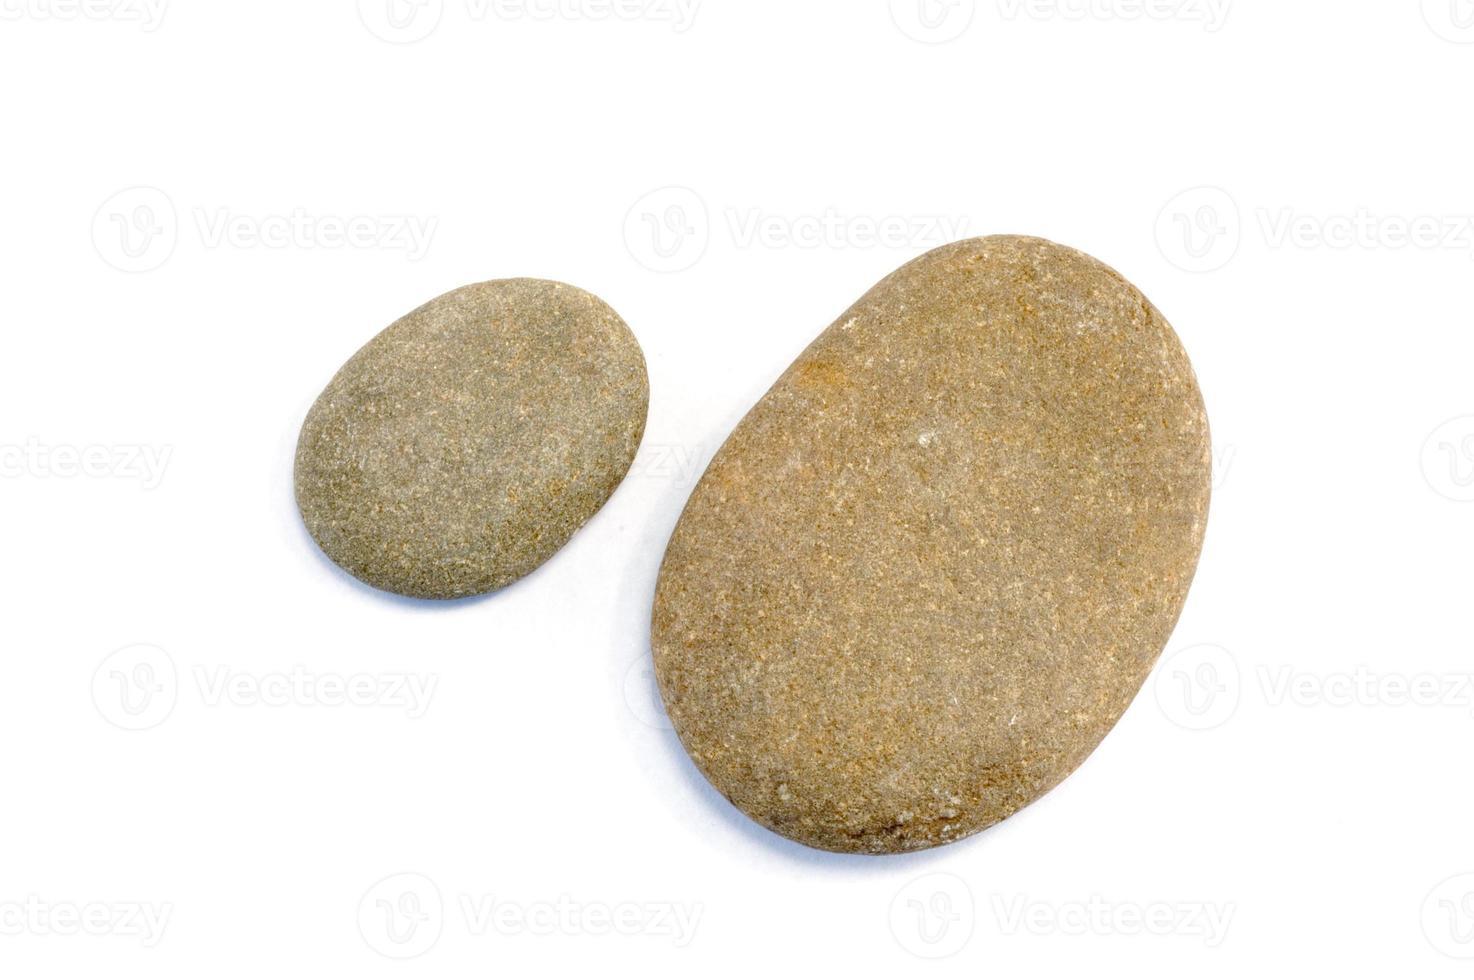 Two Stones photo